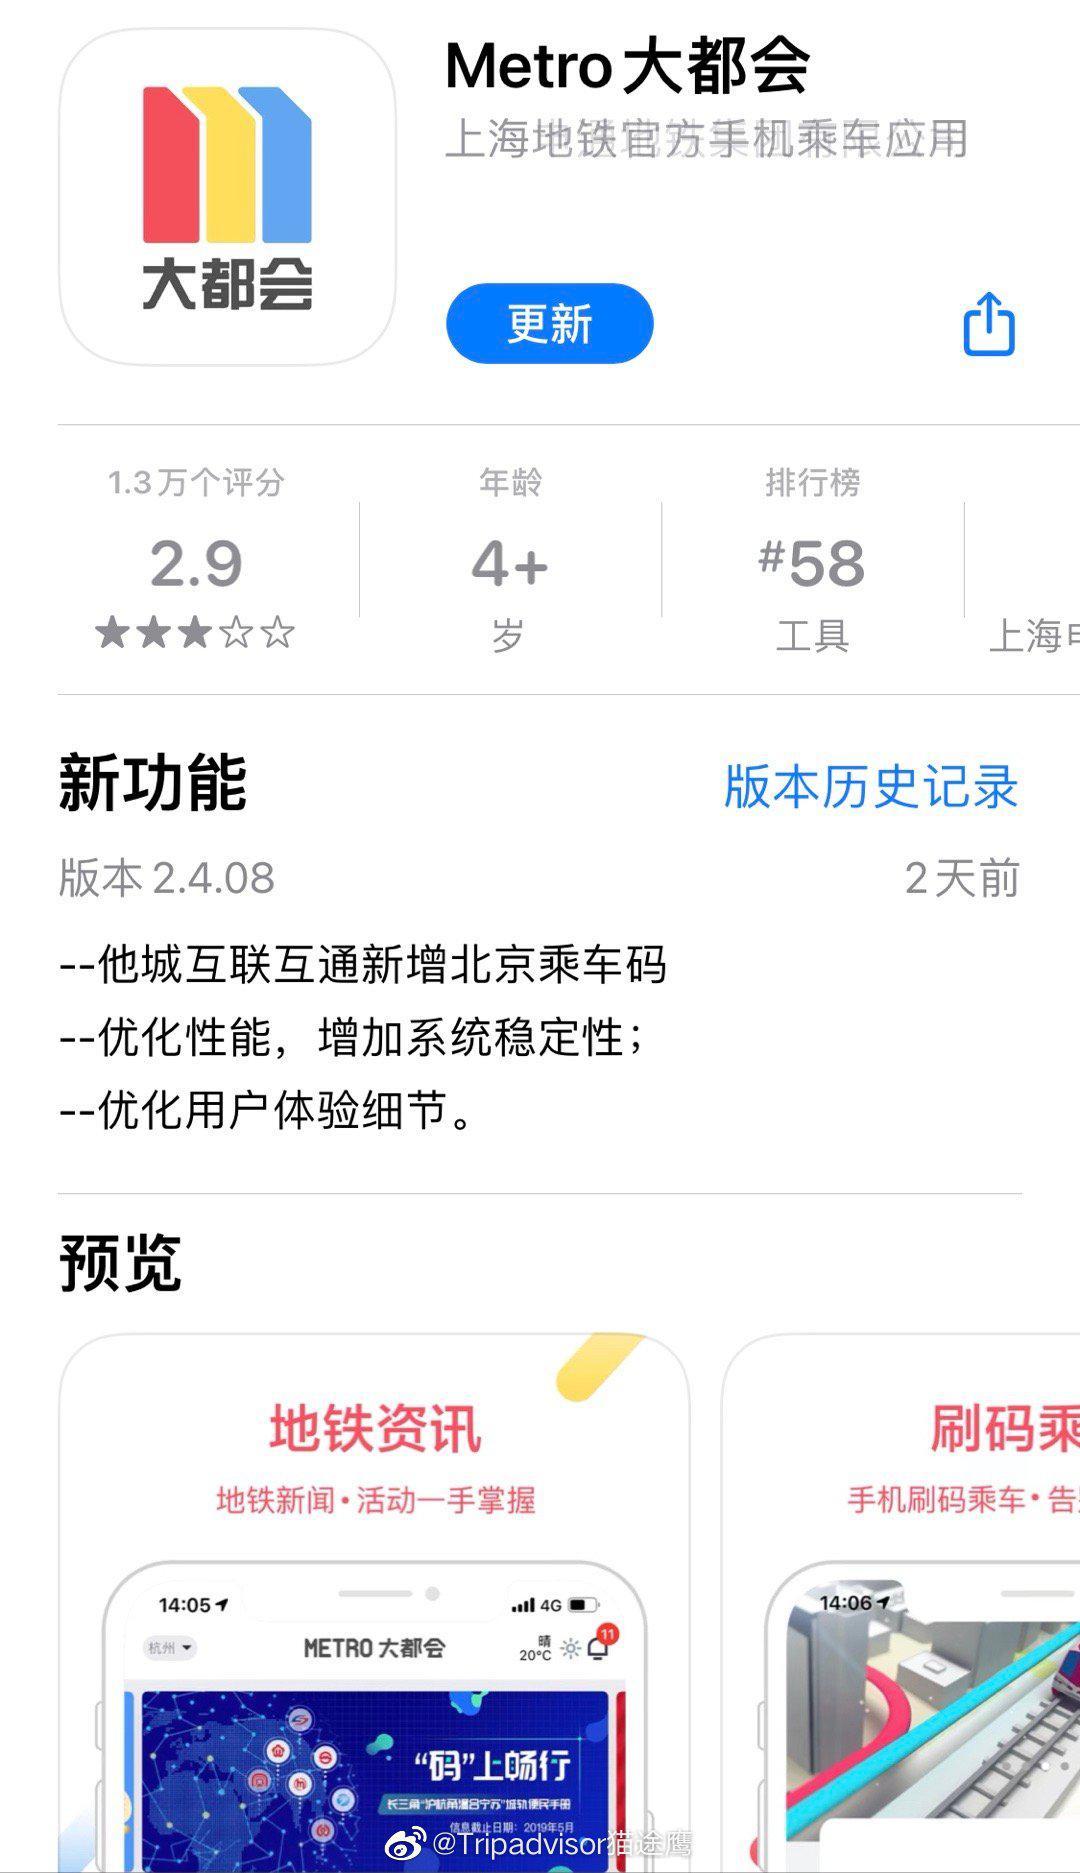 就在昨天! 北京上海两地地铁乘车二维码实现互通!……